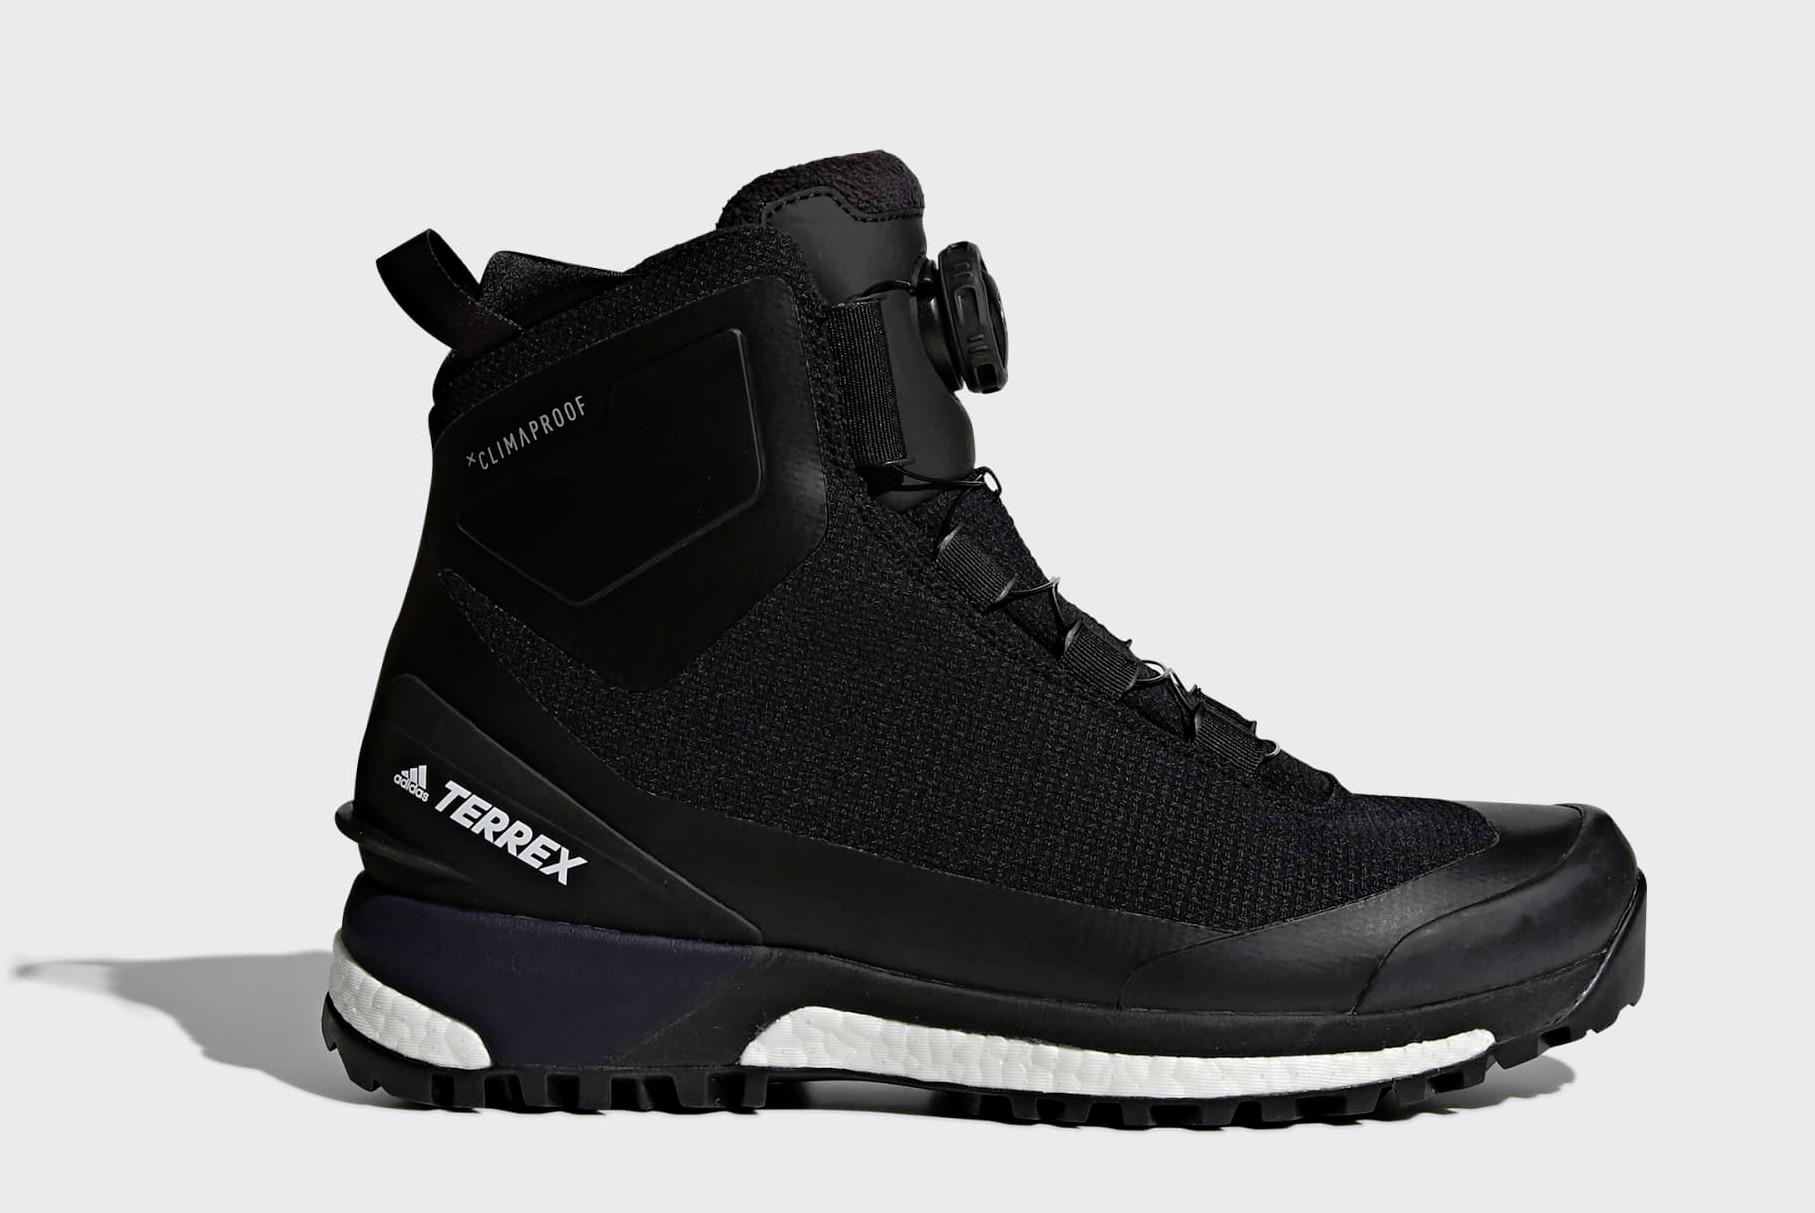 prix compétitif cf8b8 26c5e Chaussures de randonnée pour l'hiver